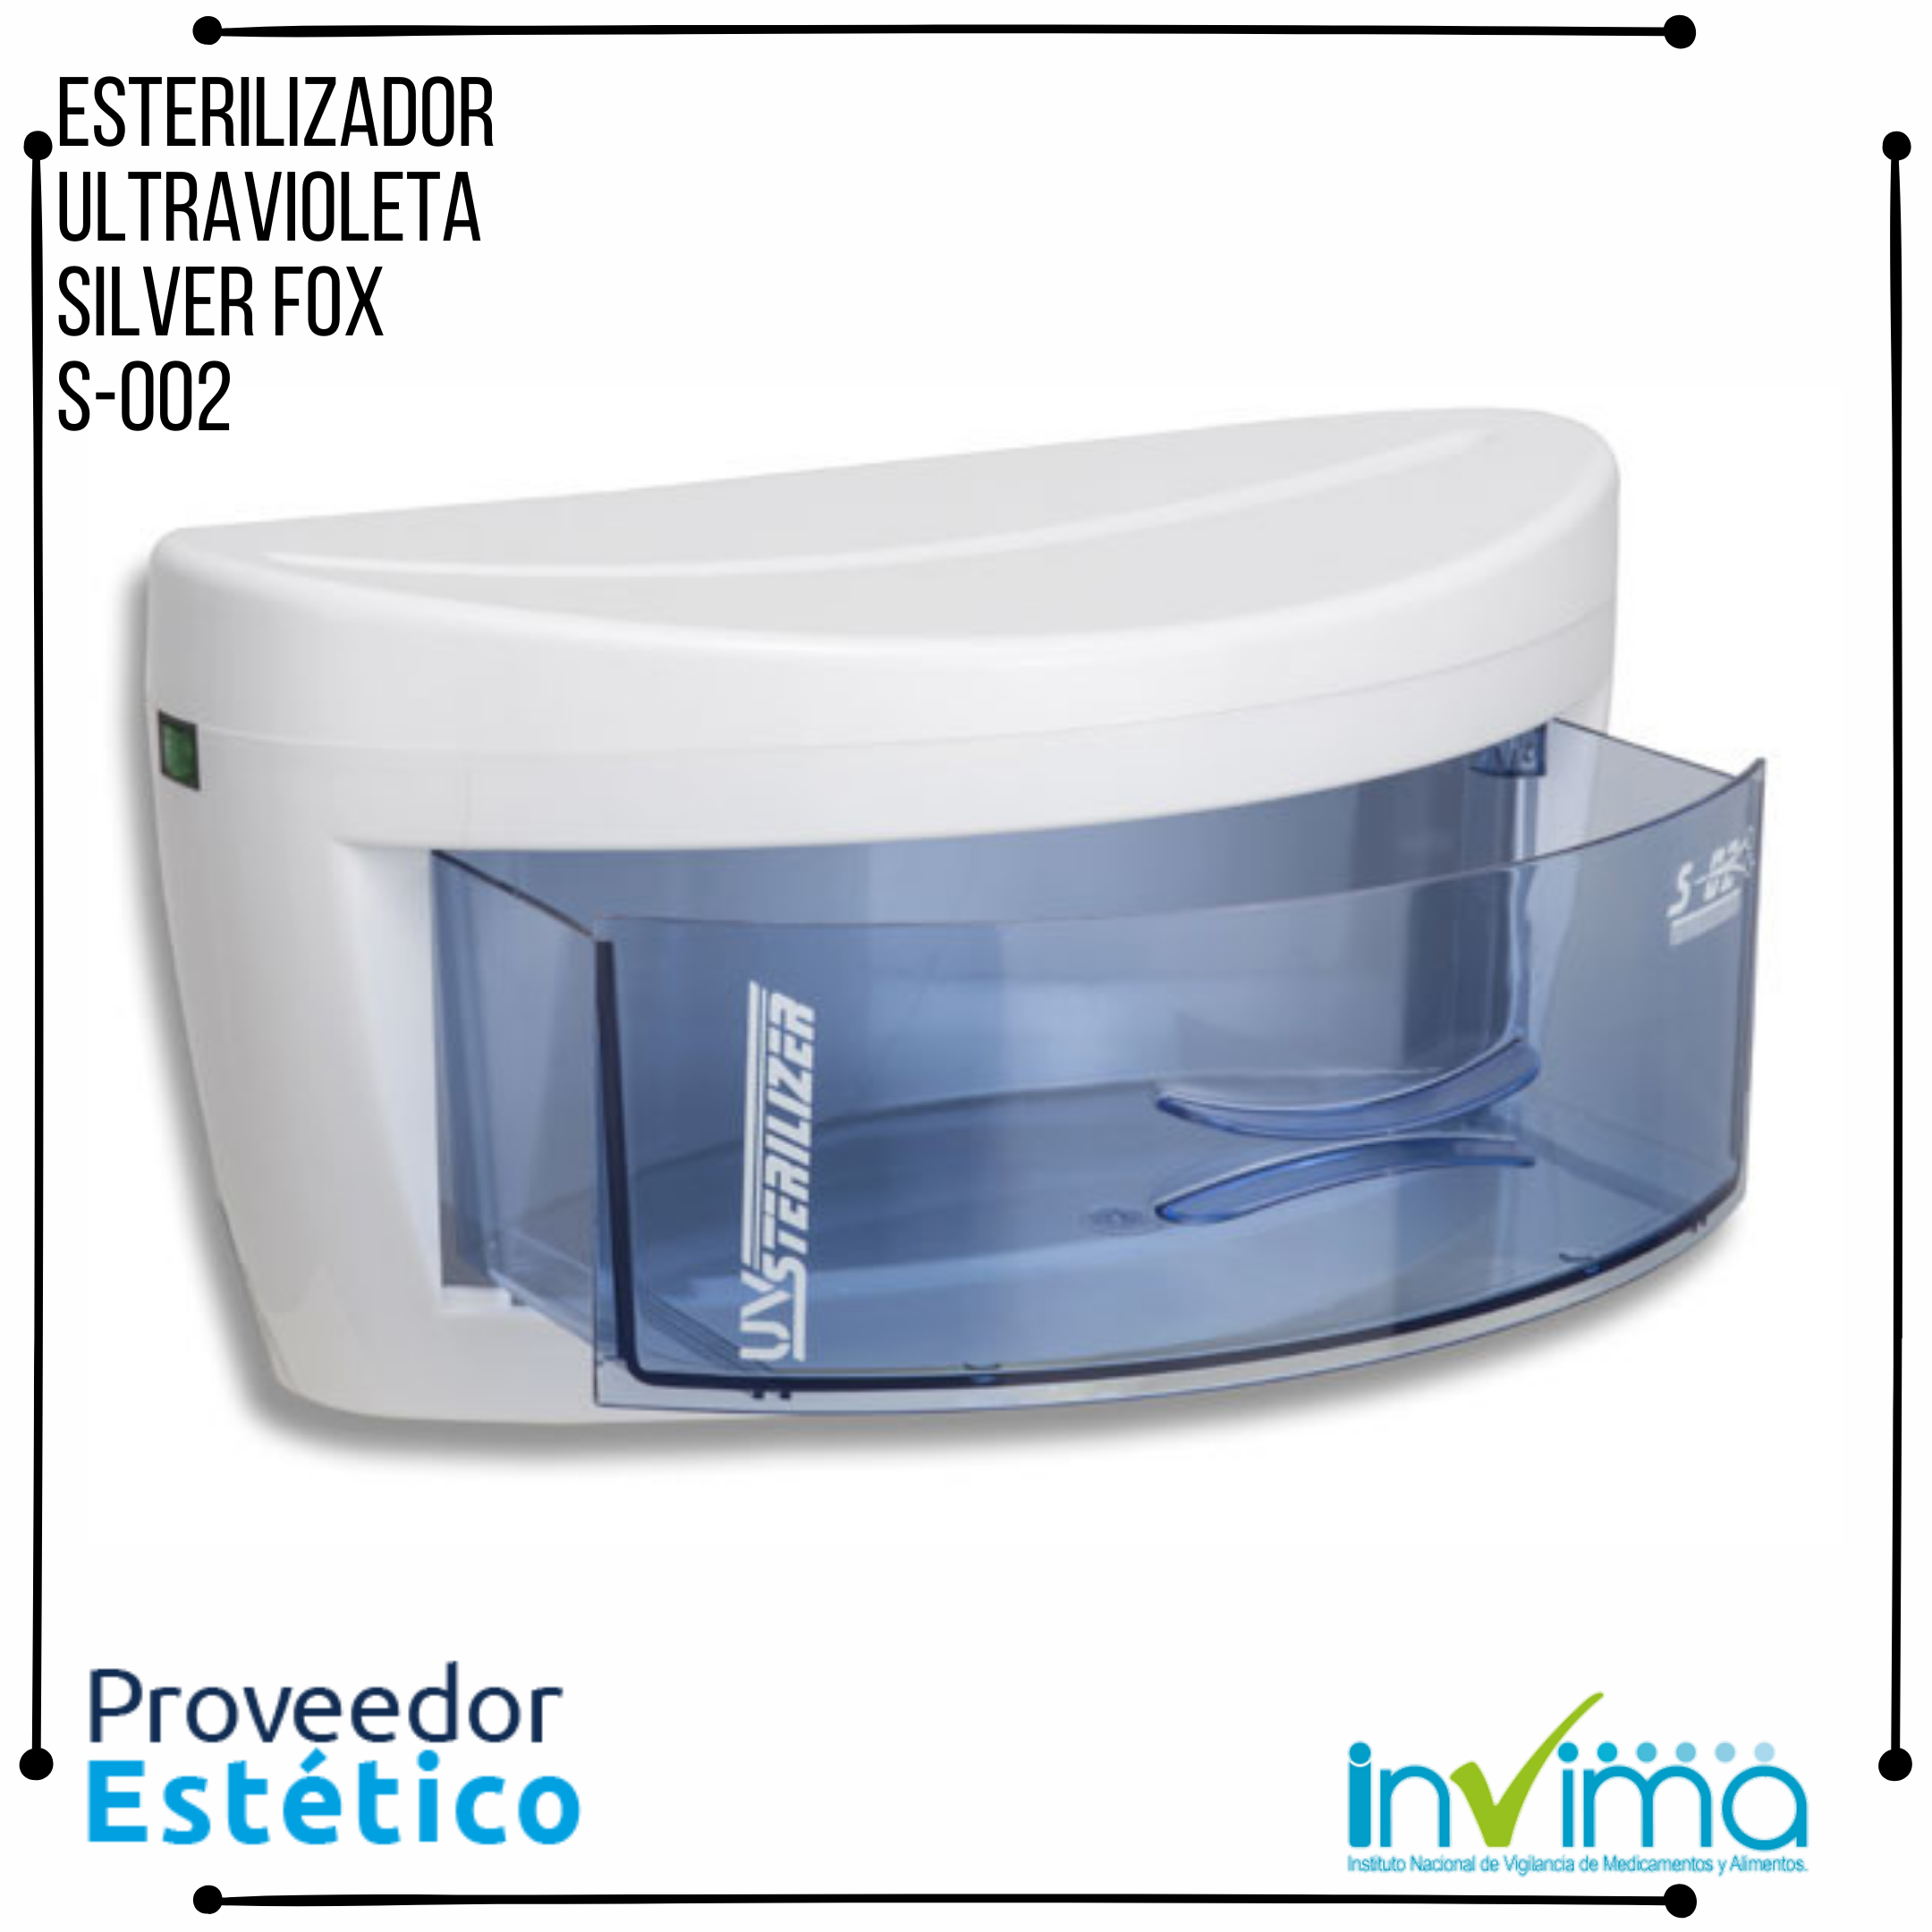 https://0201.nccdn.net/4_2/000/000/046/6ea/esterilizador-uv-silver-fox-s002.png